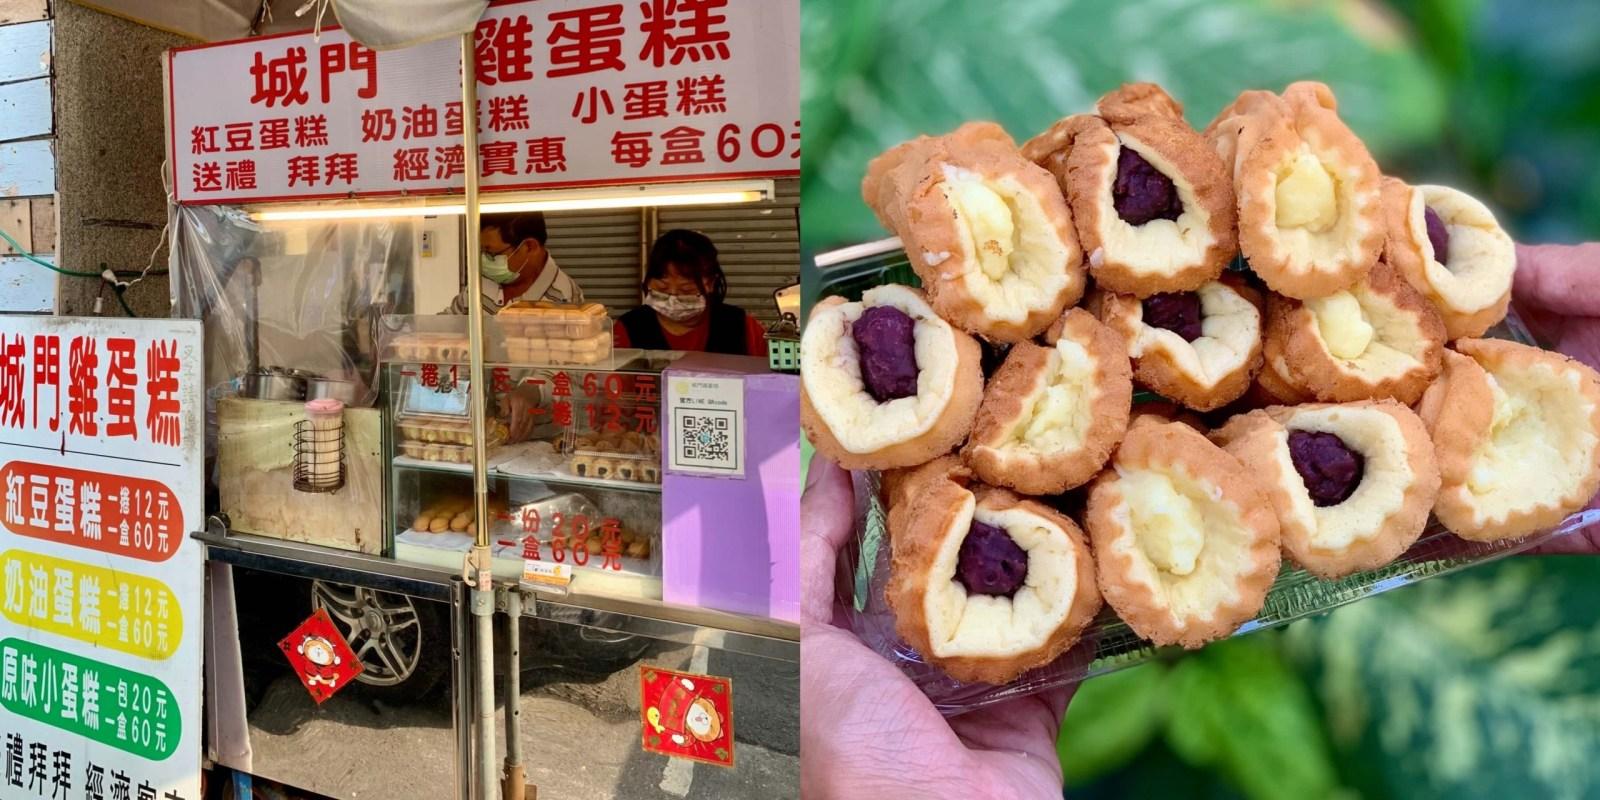 【台中美食】城門雞蛋糕|在地人推薦~隱身在騎樓下的古早味雞蛋糕,雖然簡單卻也是最幸福的滋味!